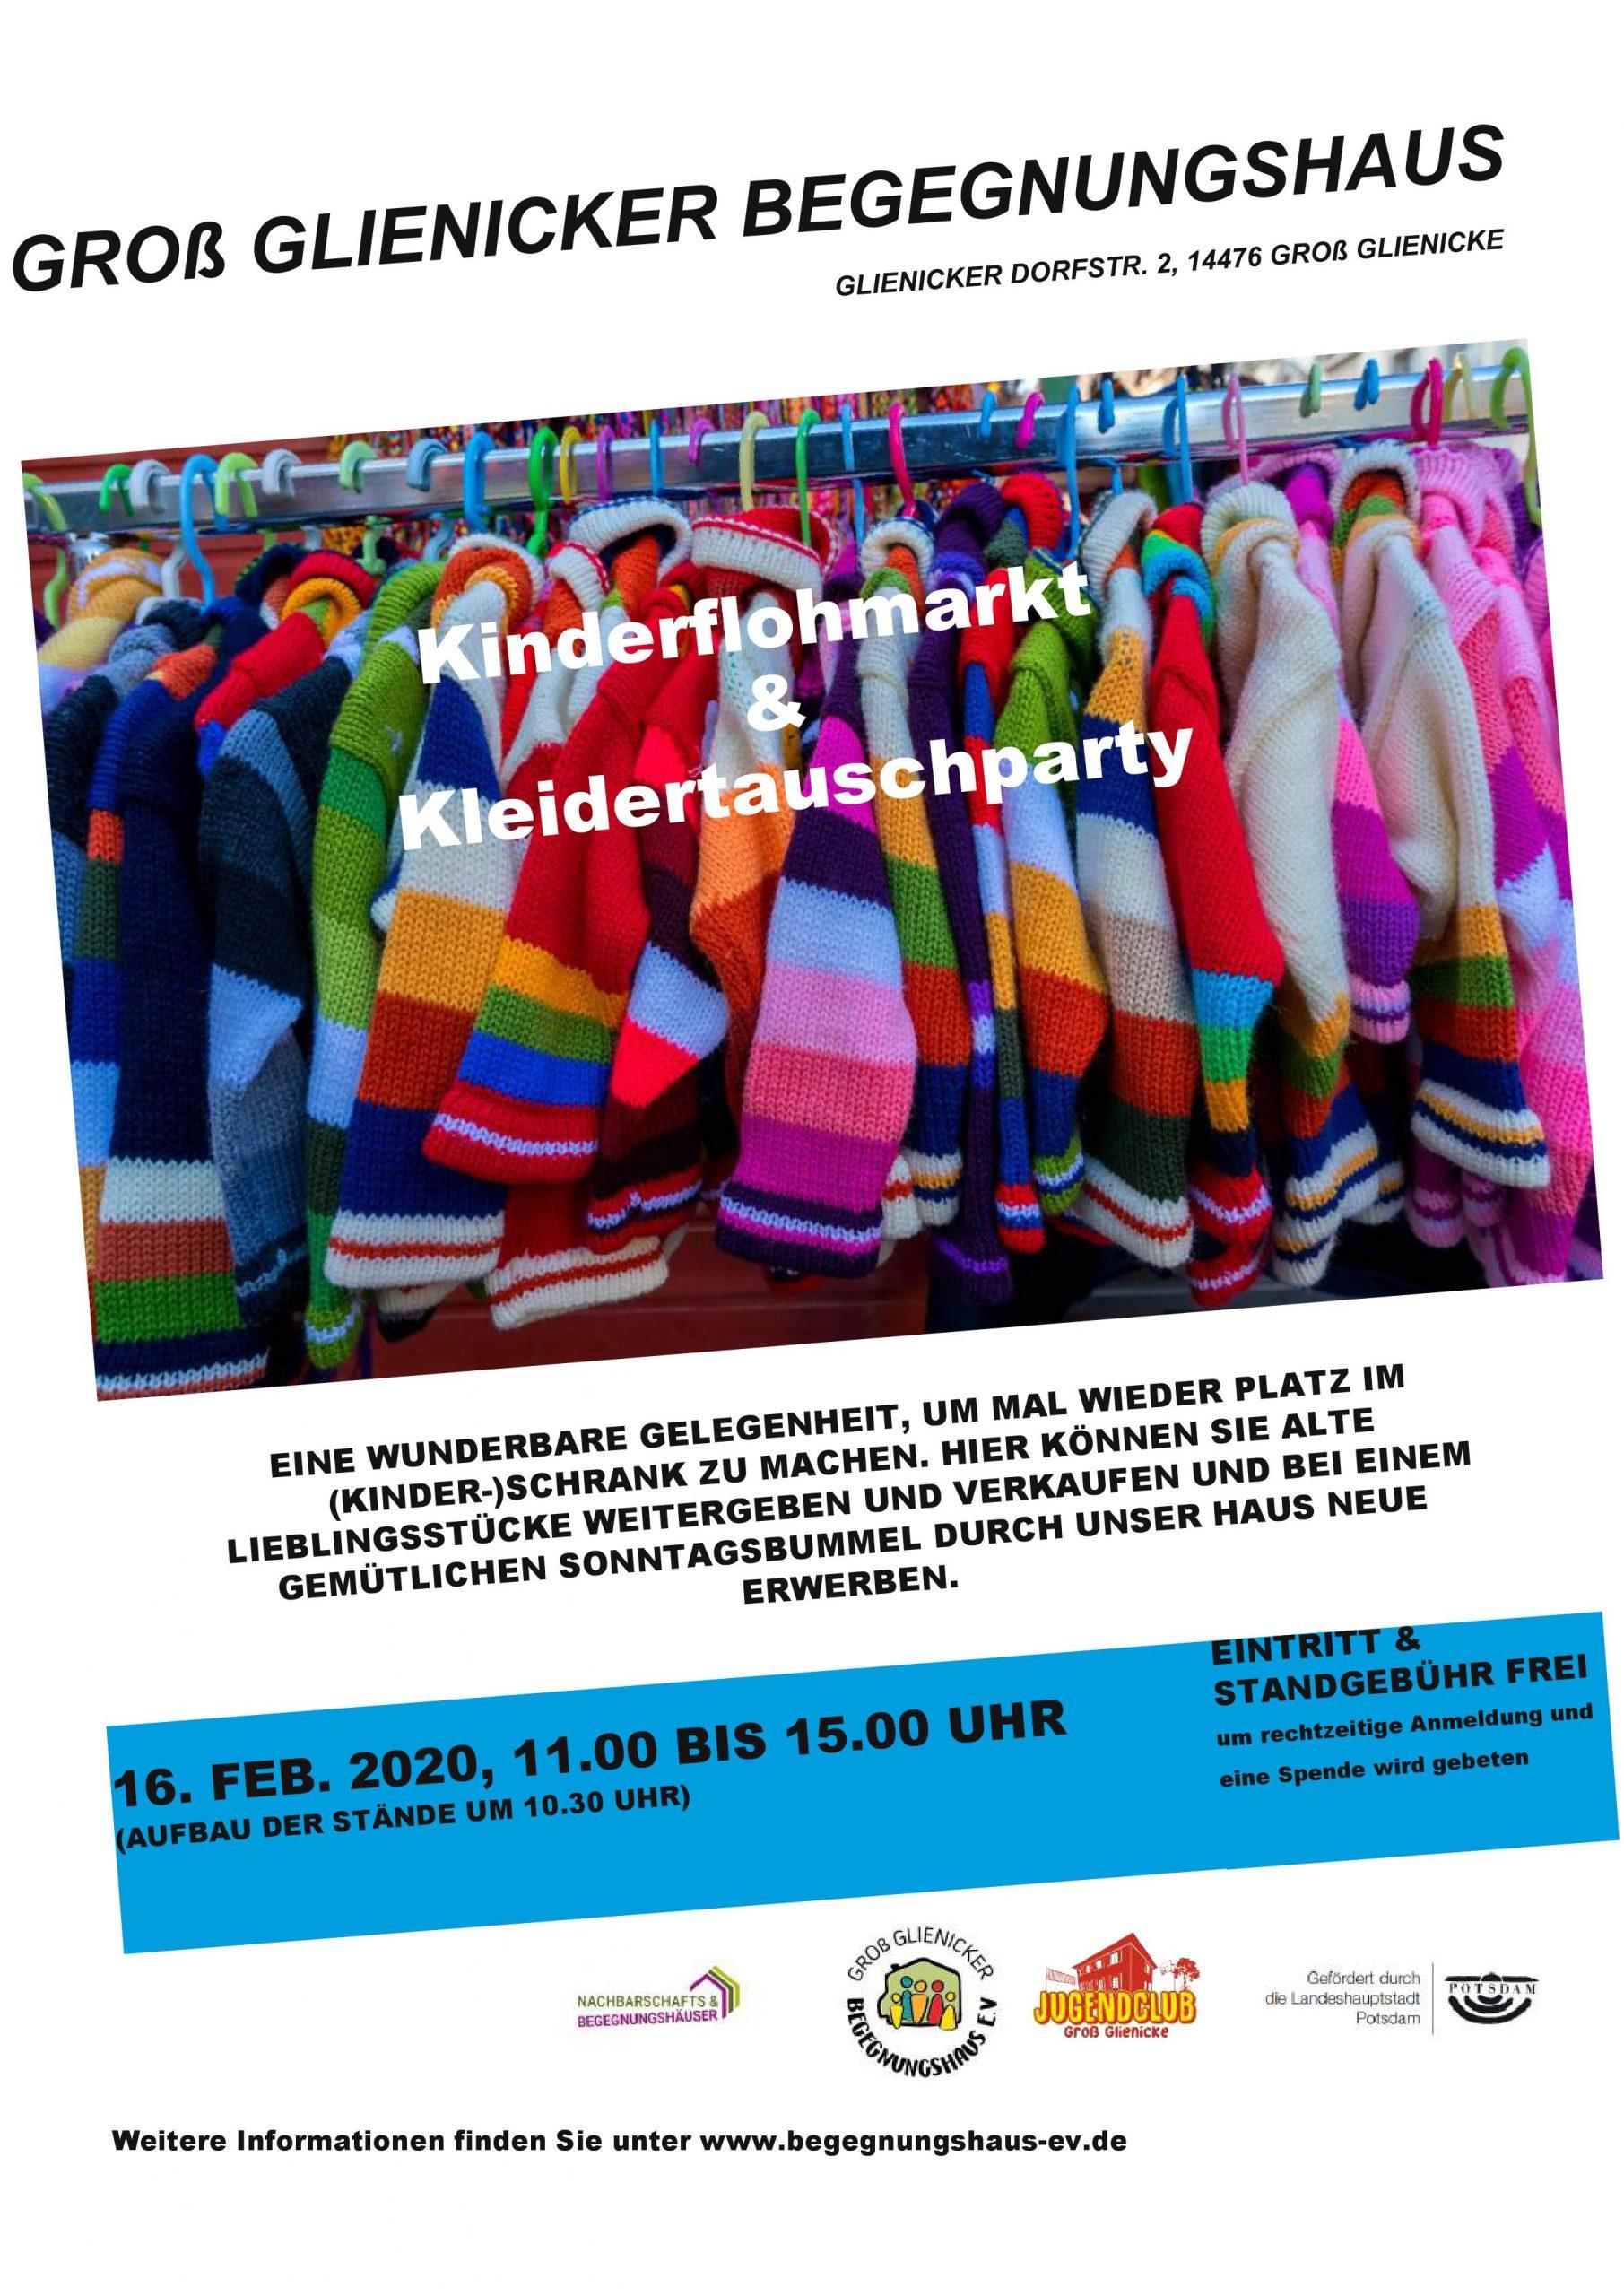 Kinderflohmarkt & Kleidertauschparty